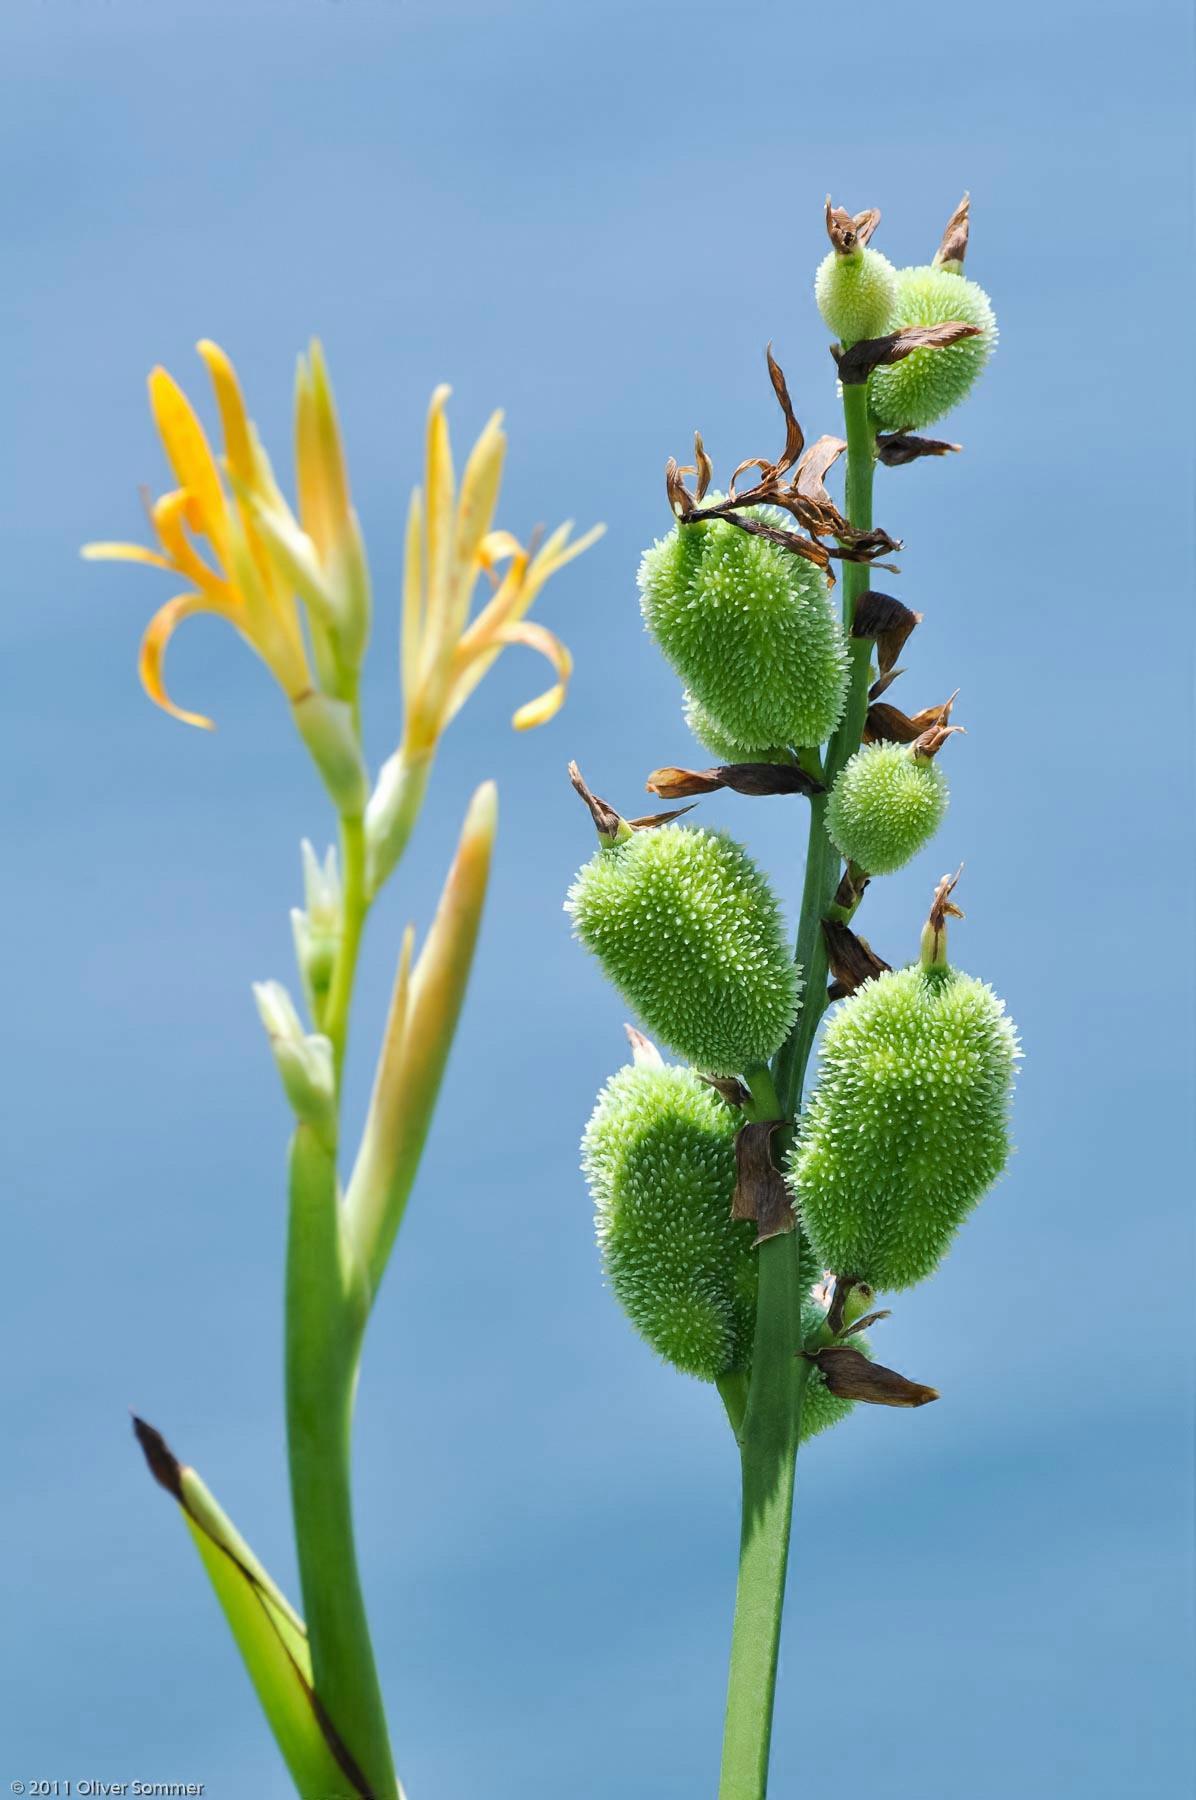 Blumenrohrgewächs Blumenrohr Canna Indica